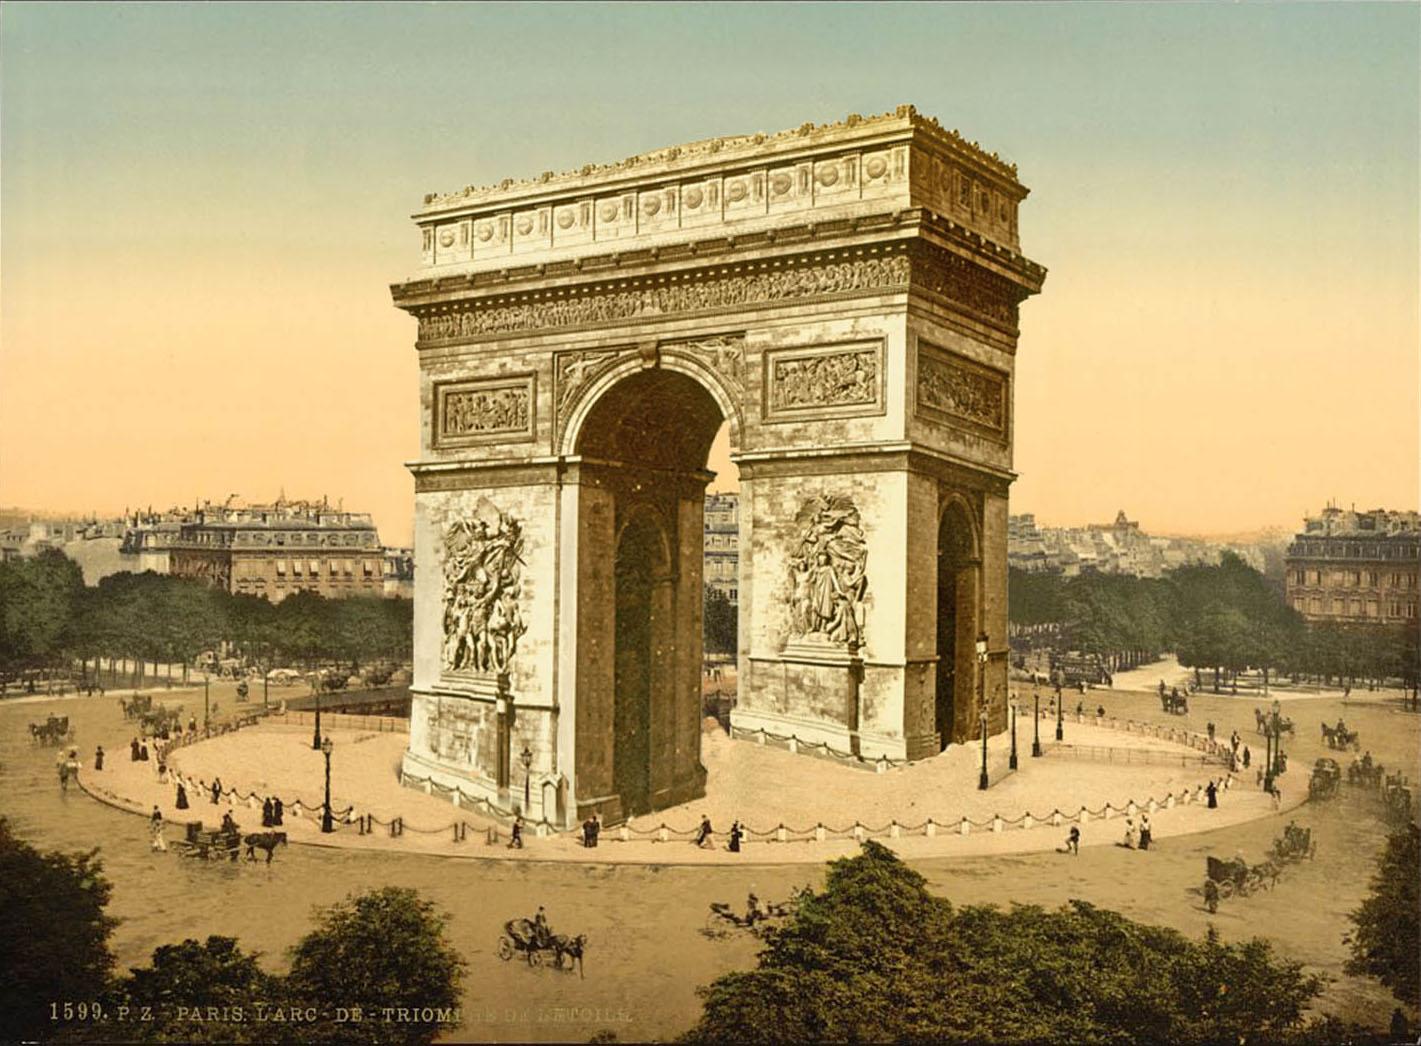 Roger Shepard's Arc de Triomphe